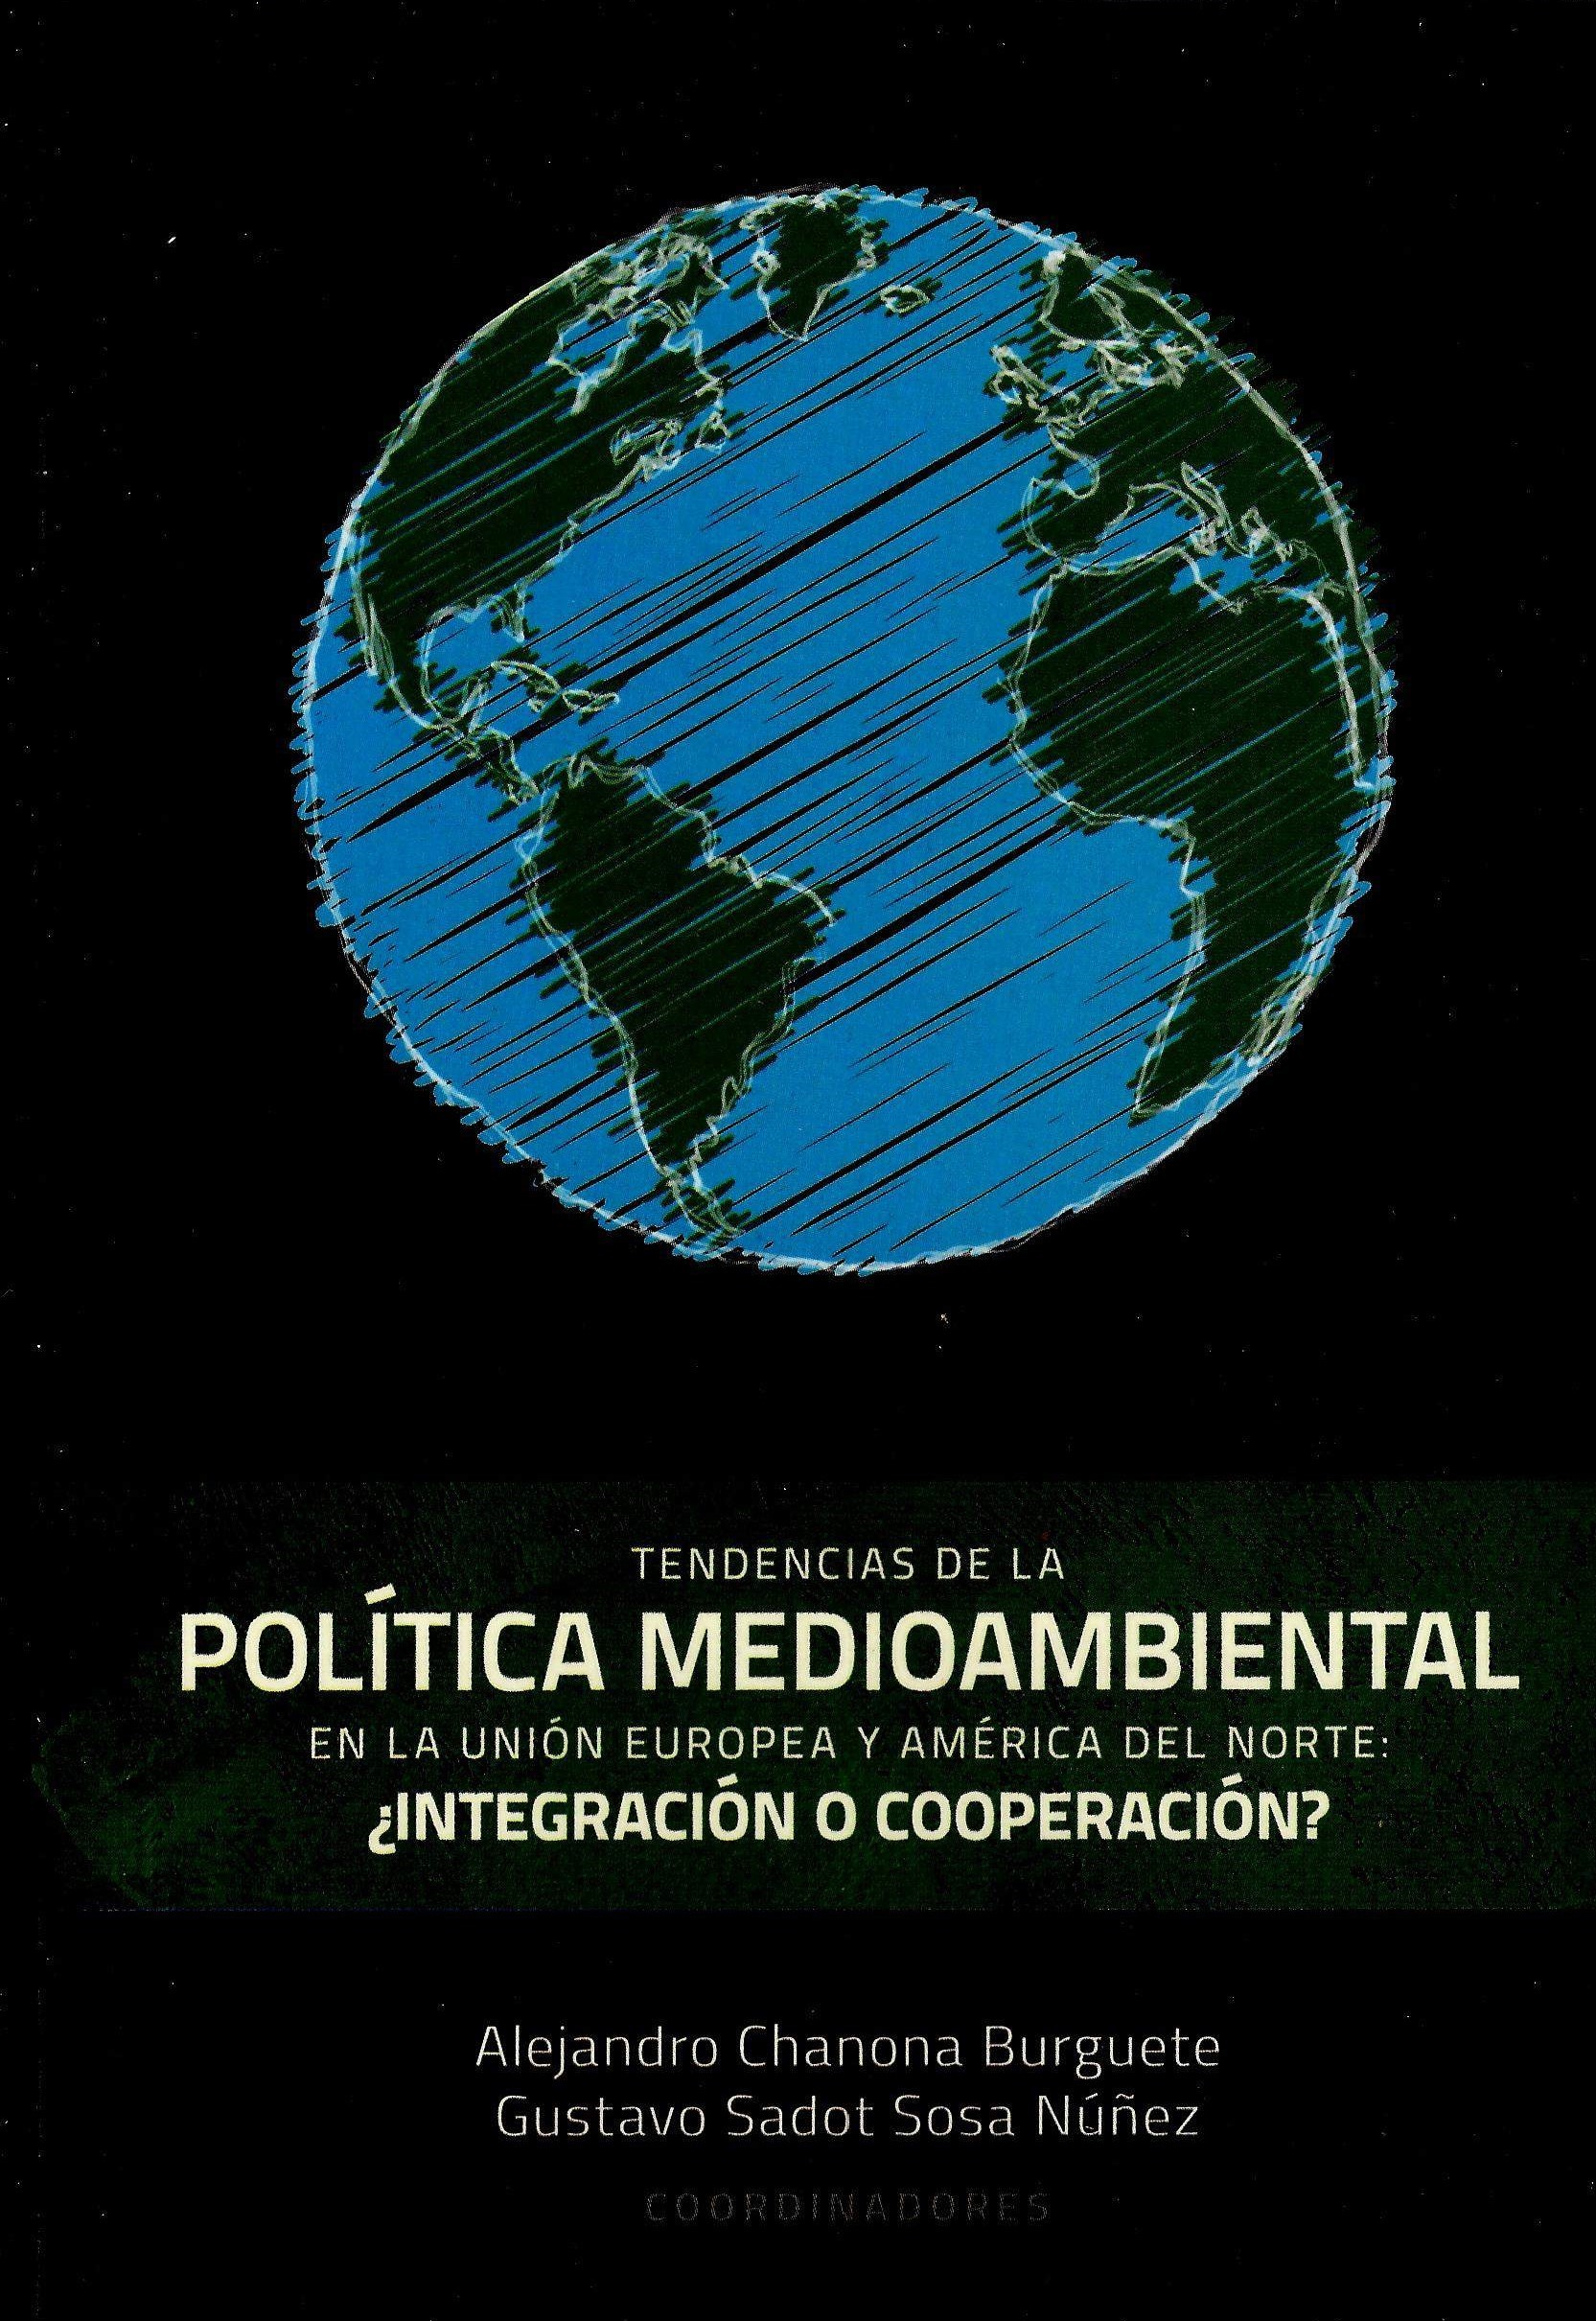 Tendencias de la política medioambiental en la unión europea y América del norte: ¿integración o cooperación?